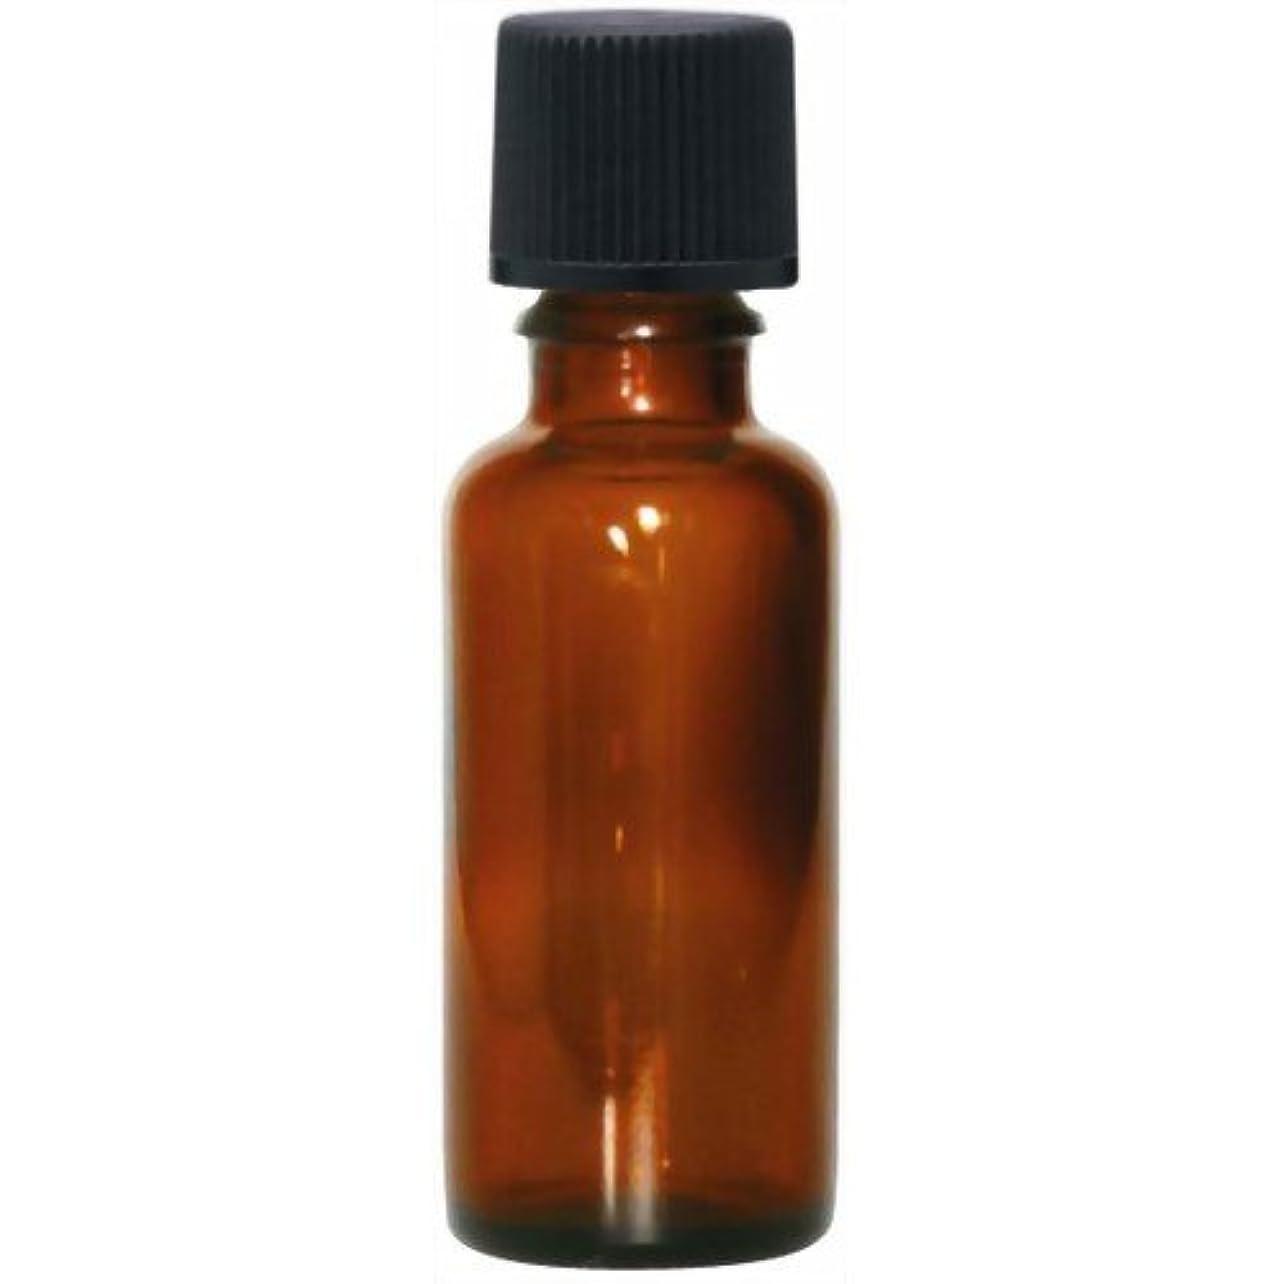 パイ蒸気類推茶色遮光瓶30ml(黒キャップ)